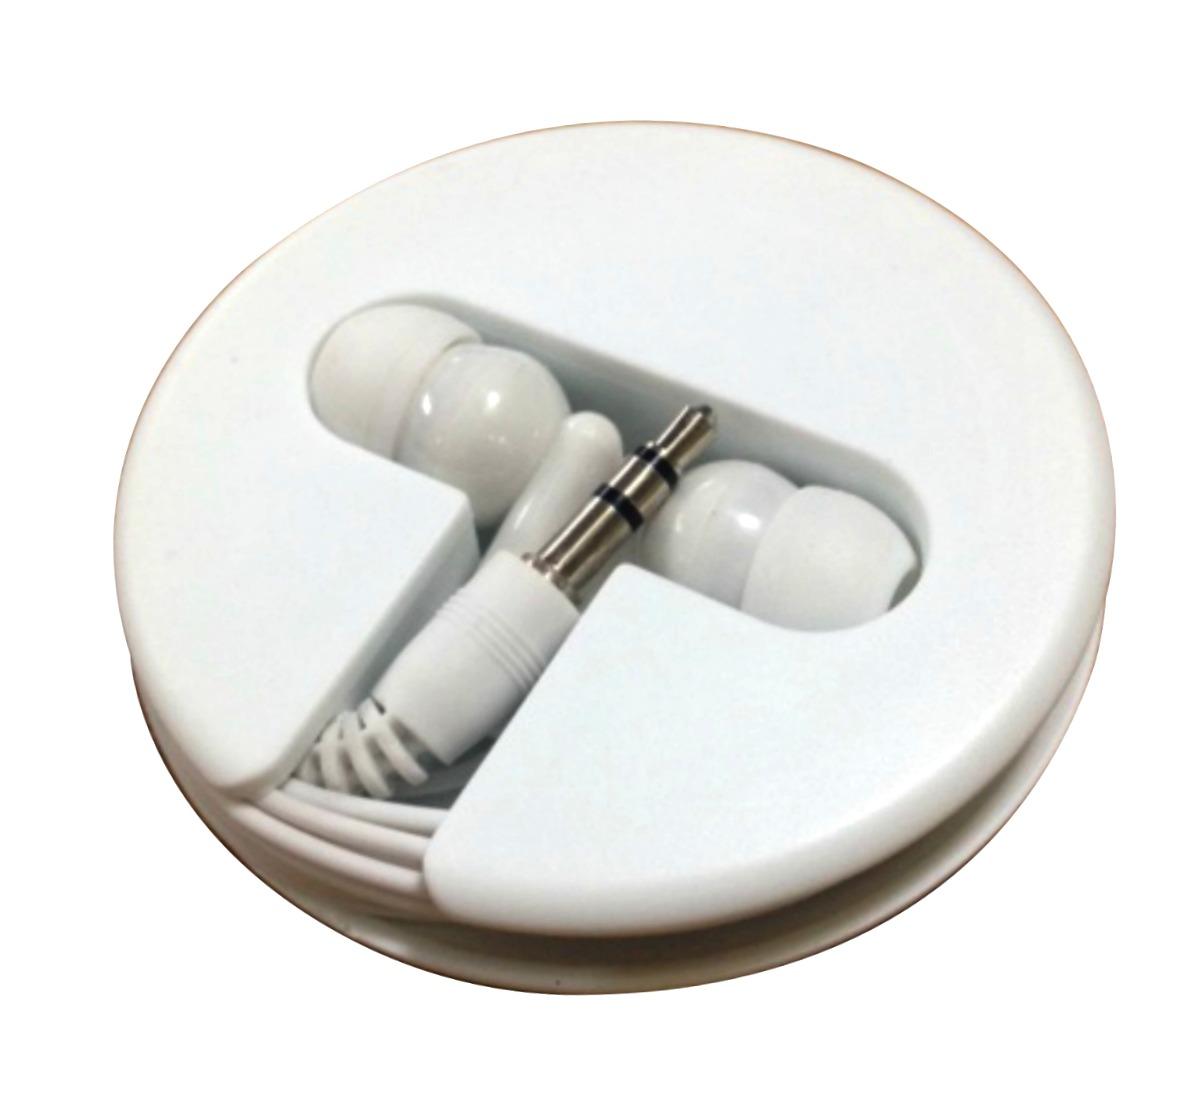 branded earphones in case